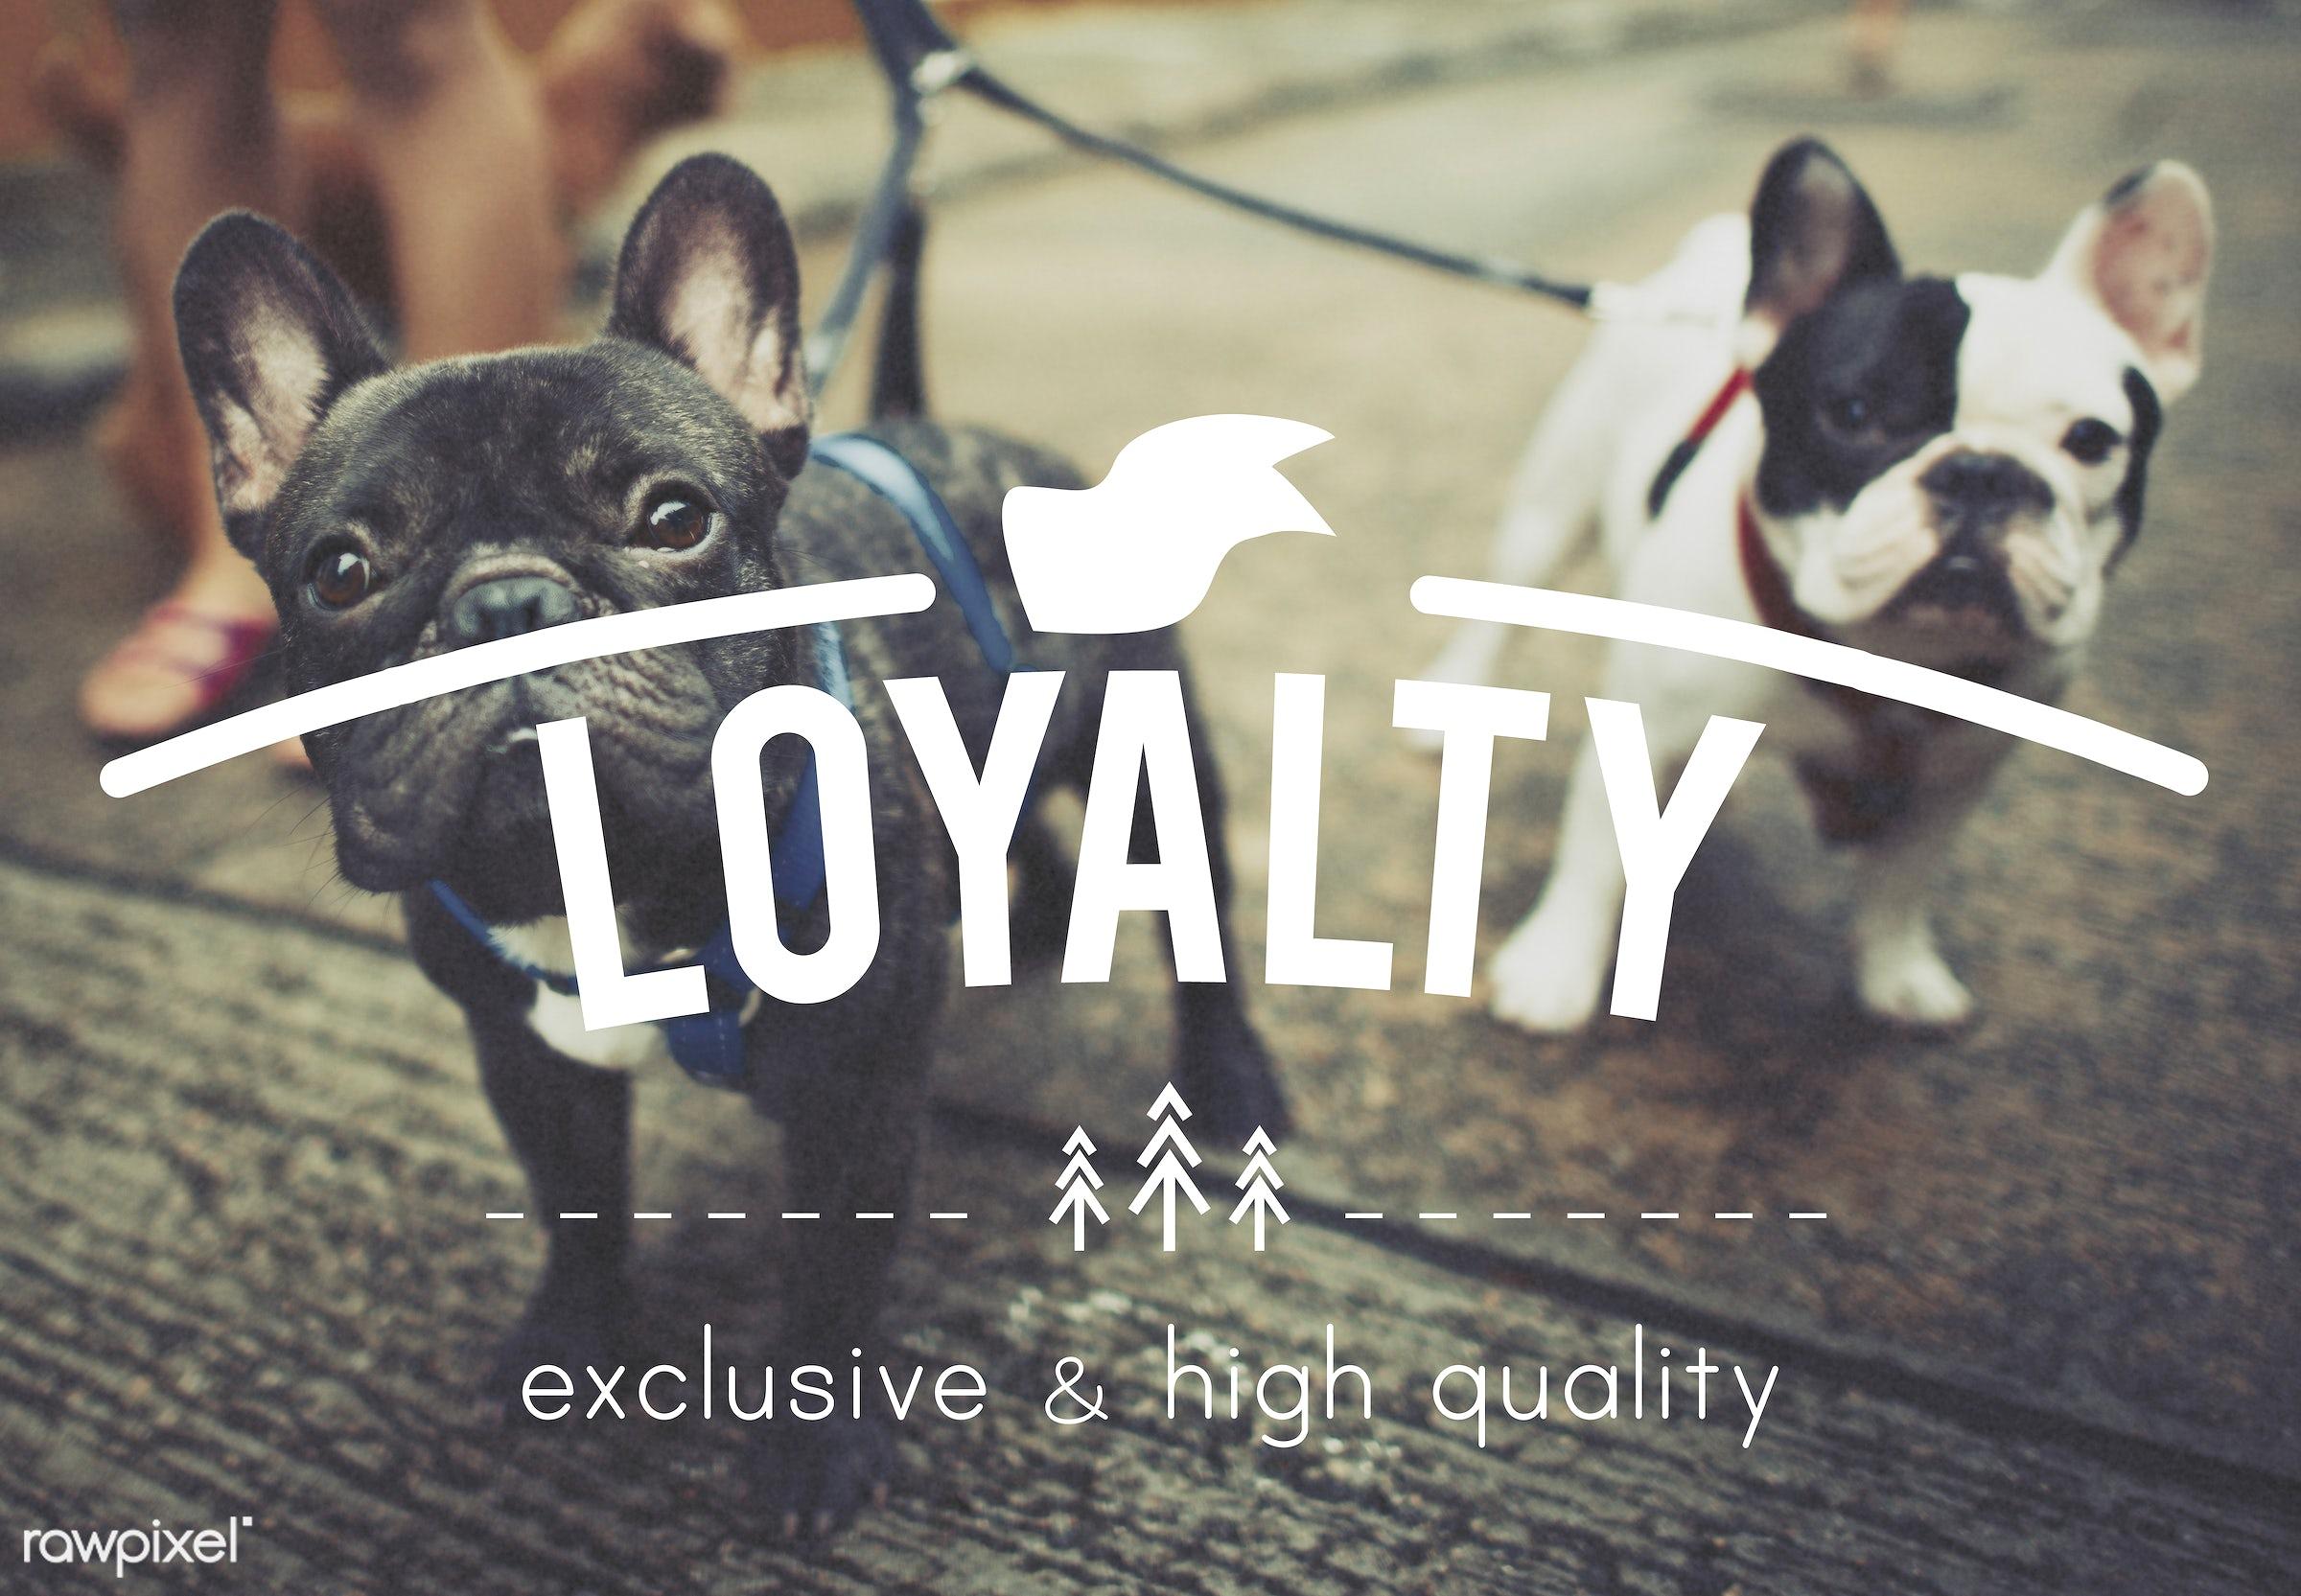 loyalty, adorable, animal, attitude, babies, belief, breed, bulldog, cute, devotion, dog, french bulldog, friends, fun,...